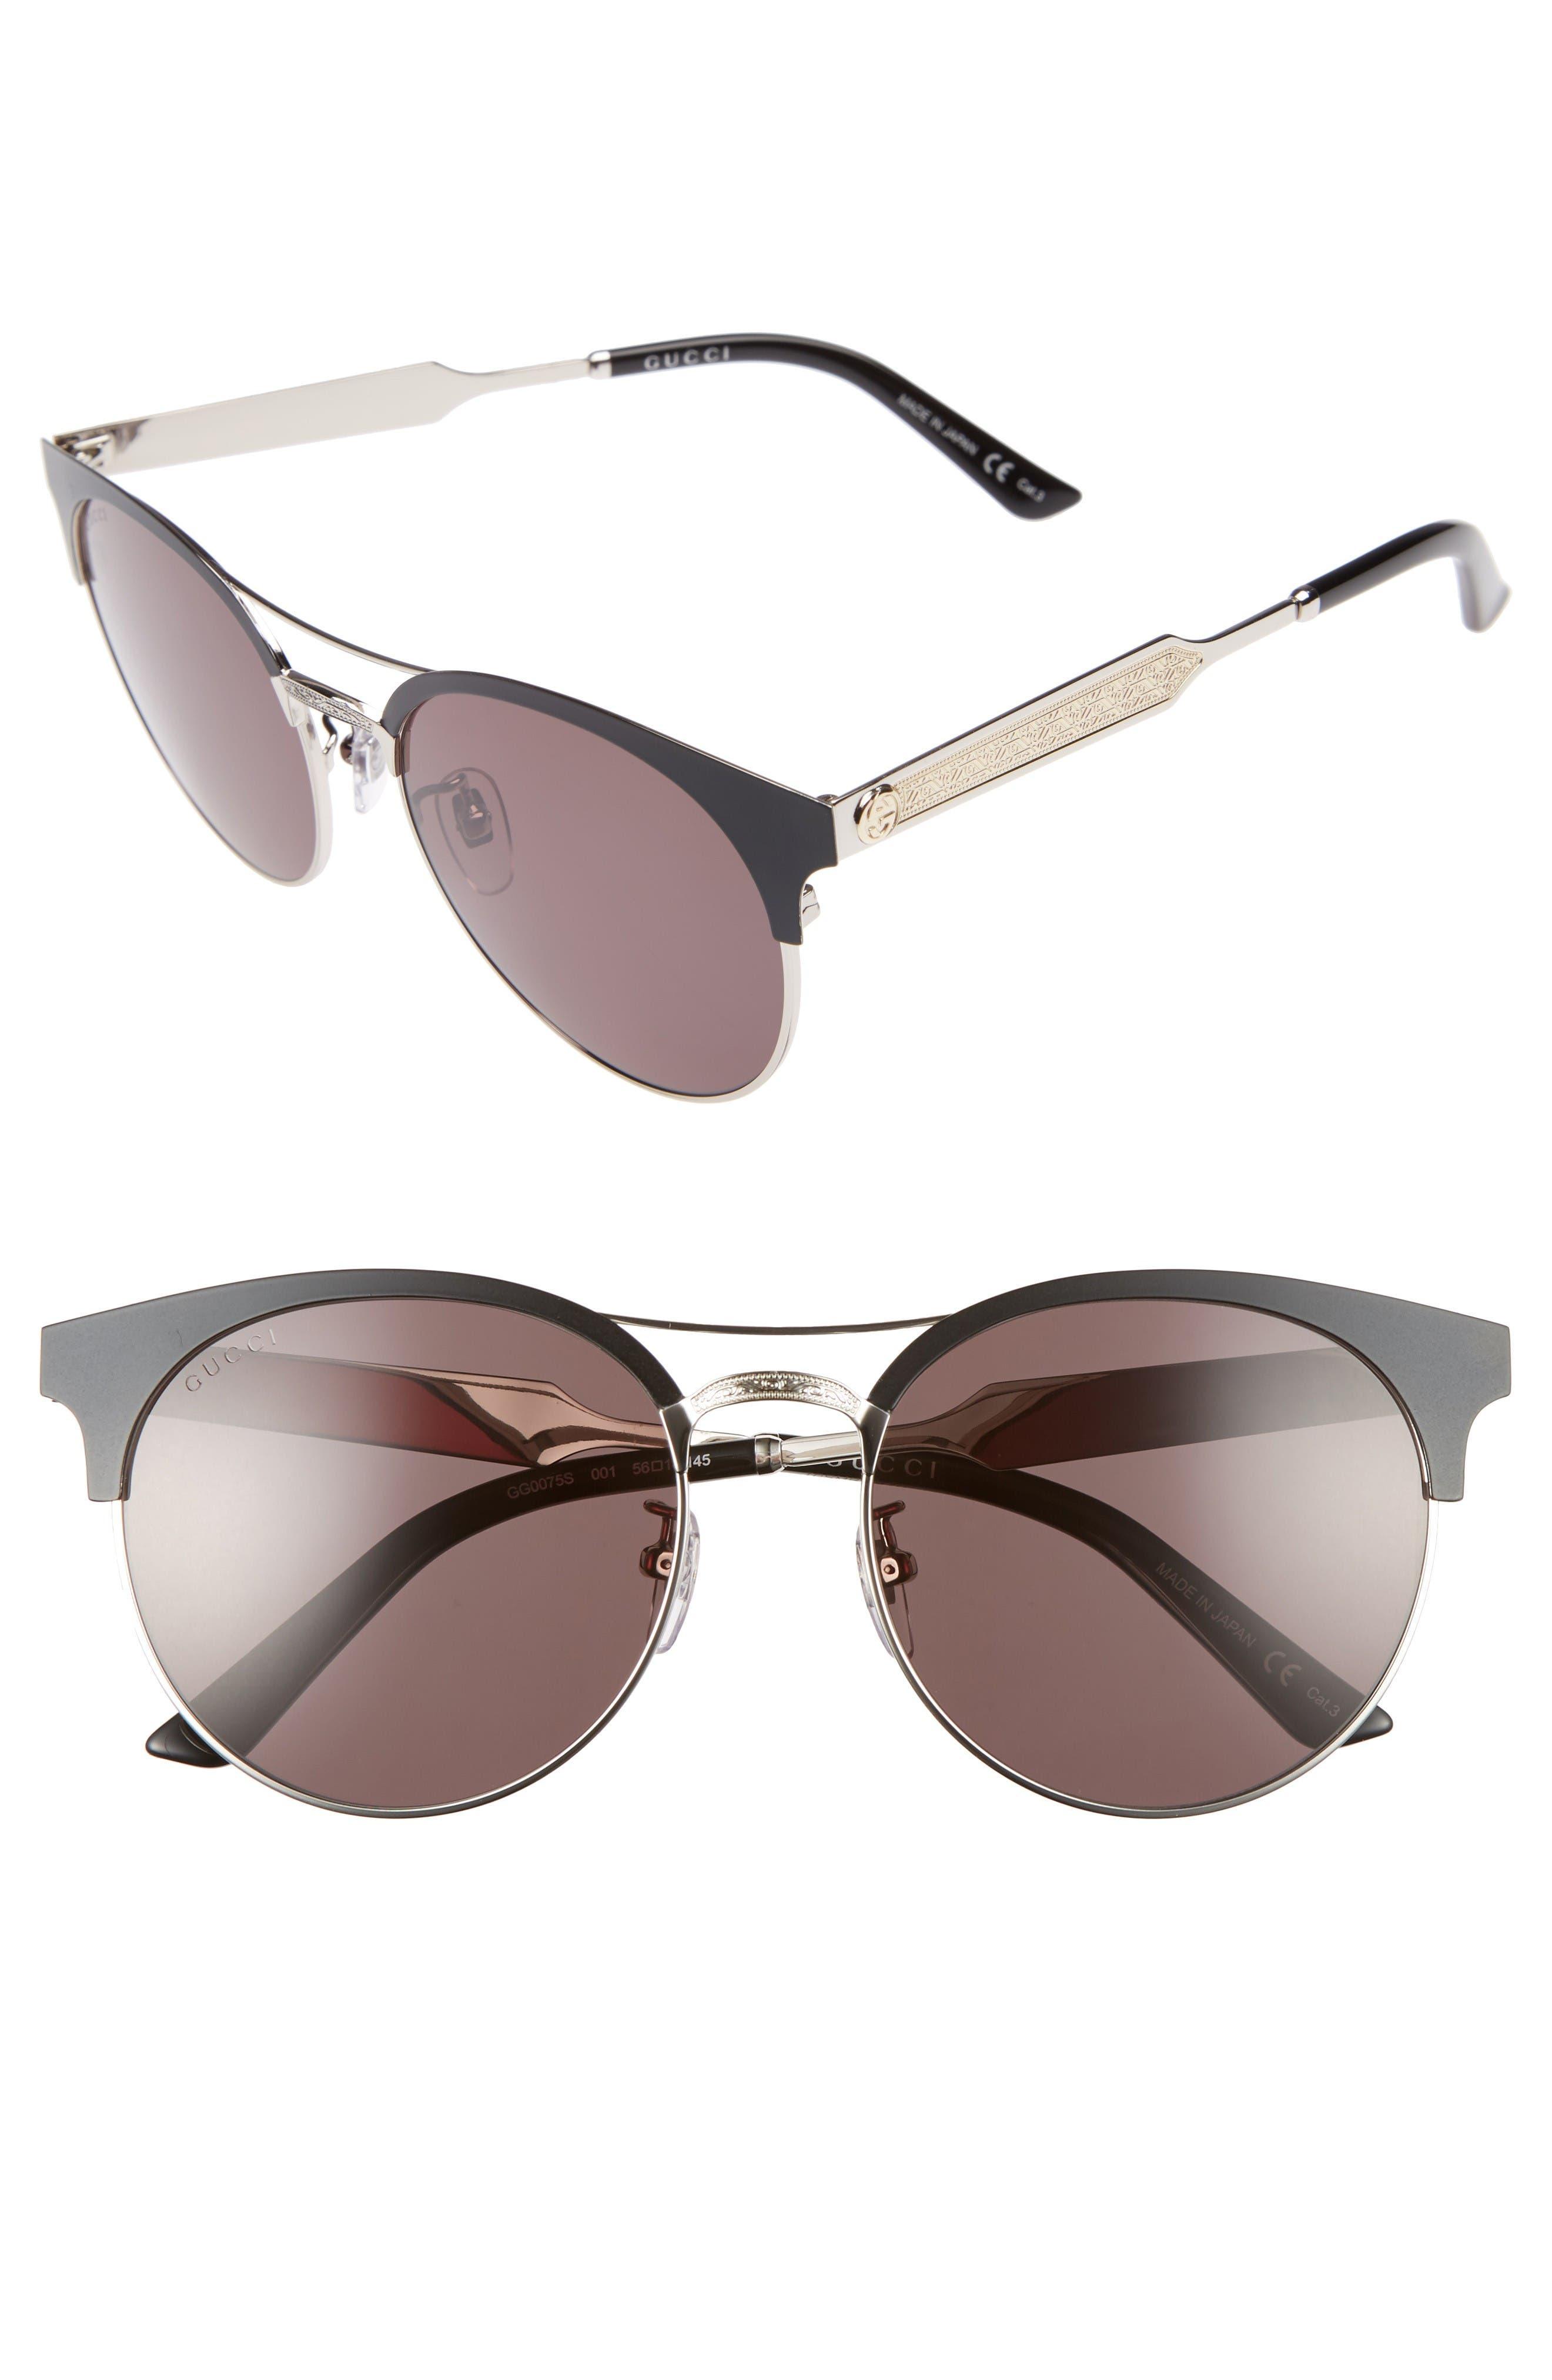 56mm Retro Sunglasses,                         Main,                         color, Matte Black/ Grey